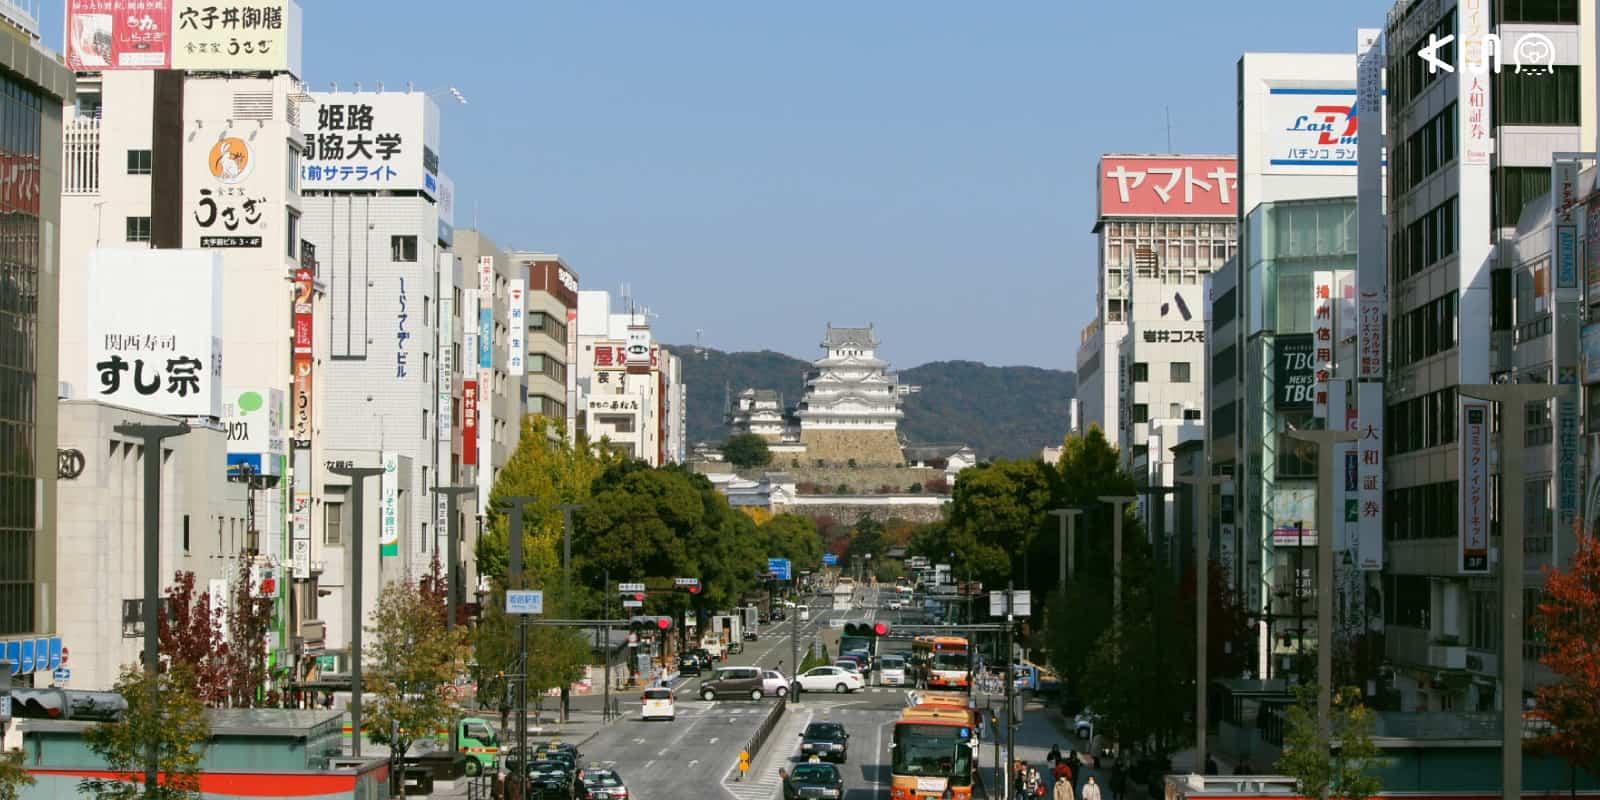 ชวนเที่ยว ฮิเมจิ (Himeji) กิน ช็อป ครบ!